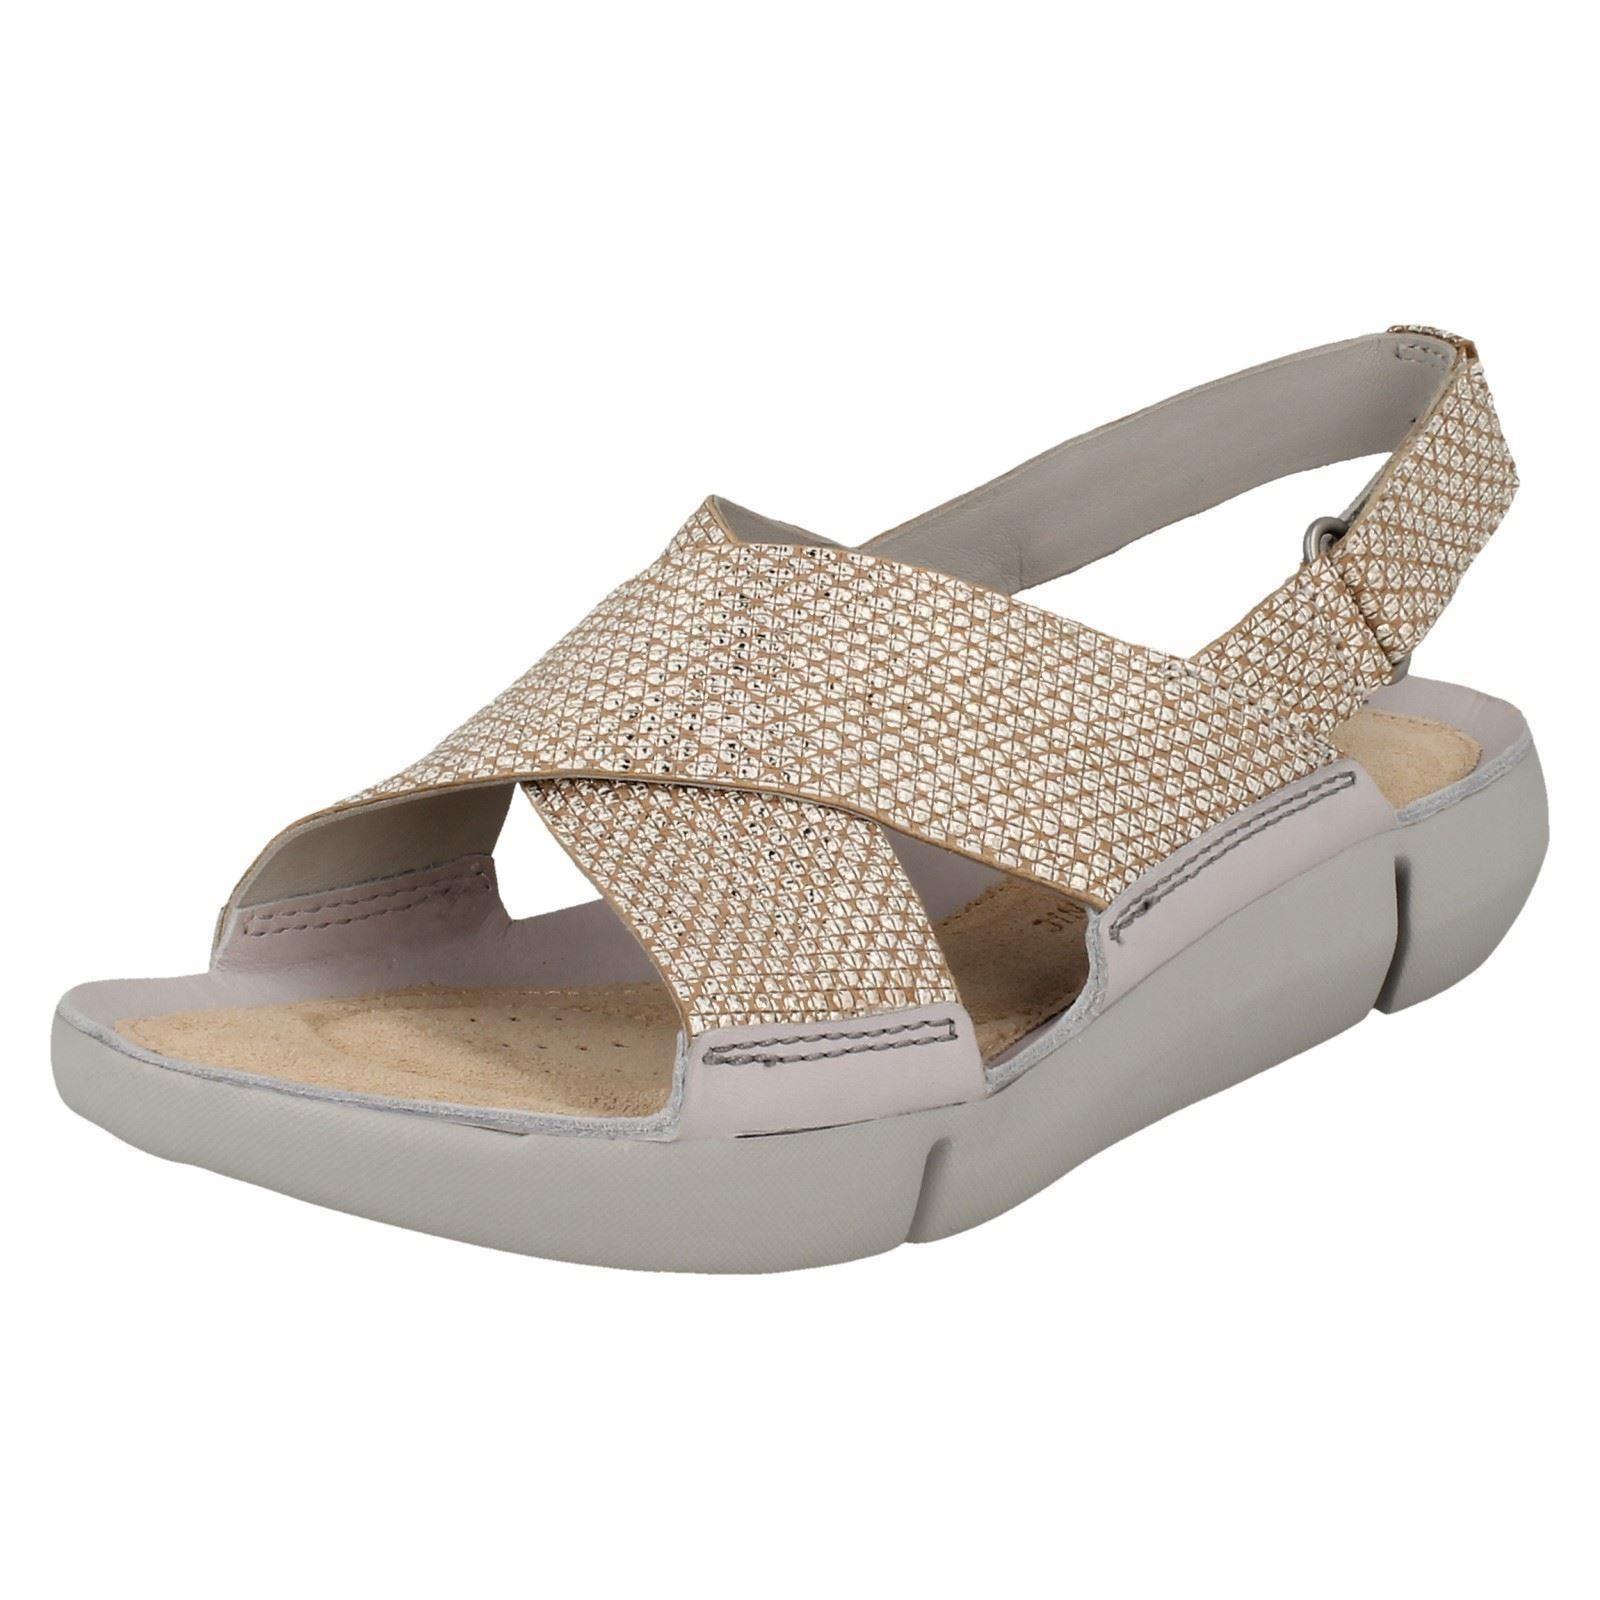 88a12ac71d83b Women s Clarks Tri Chloe Strap Sandals in Silver UK 6.5   EU 40